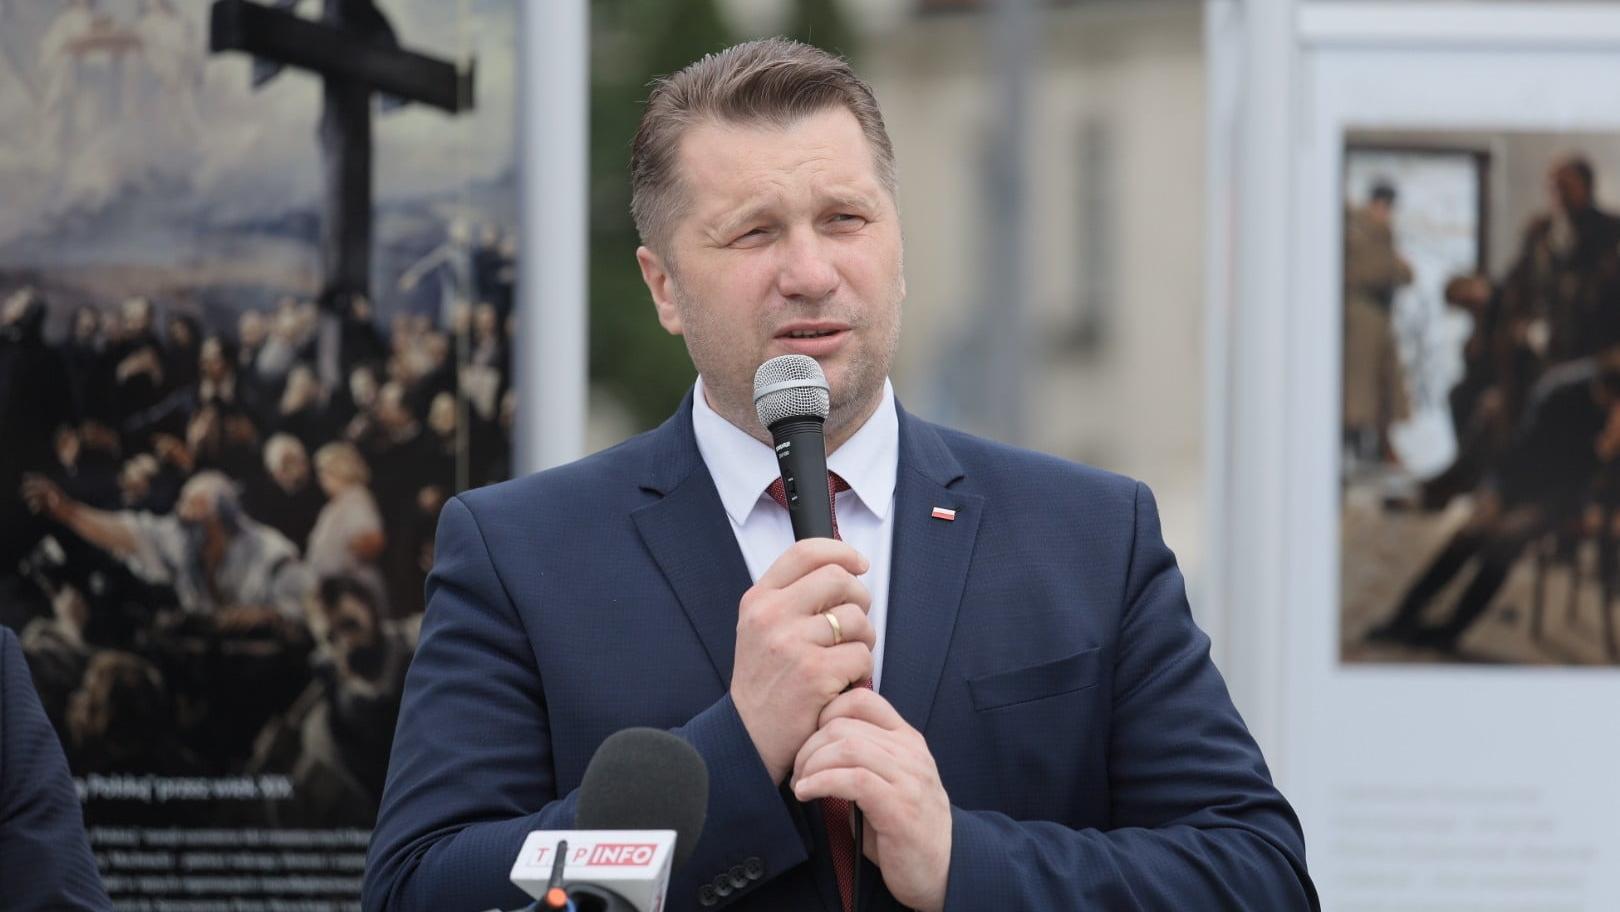 Licealiści protestowali podczas wizyty Czarnka. Minister zapowiedział konsekwencje